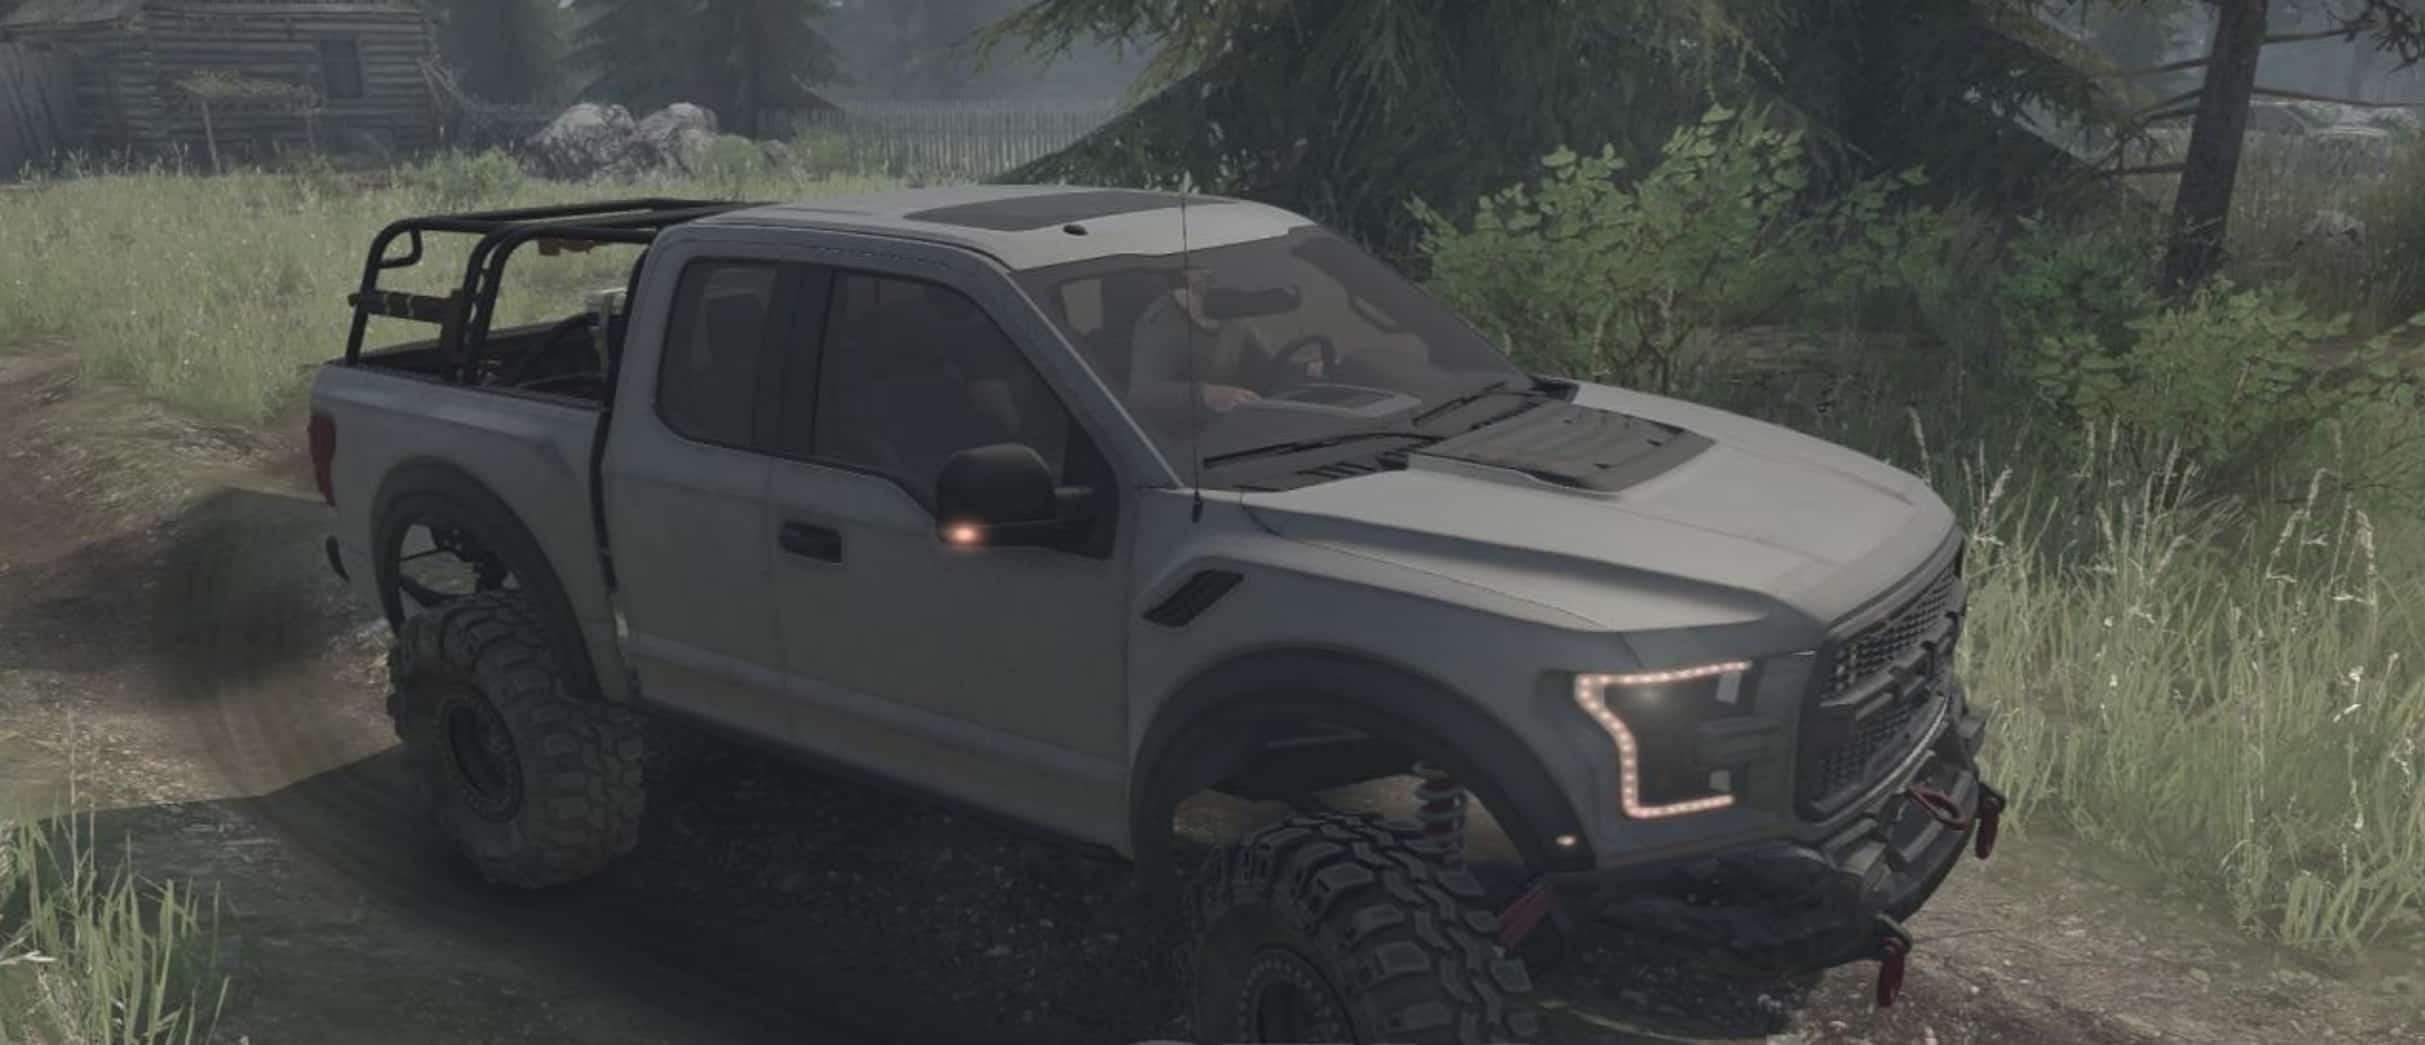 Ford Raptor Overland V